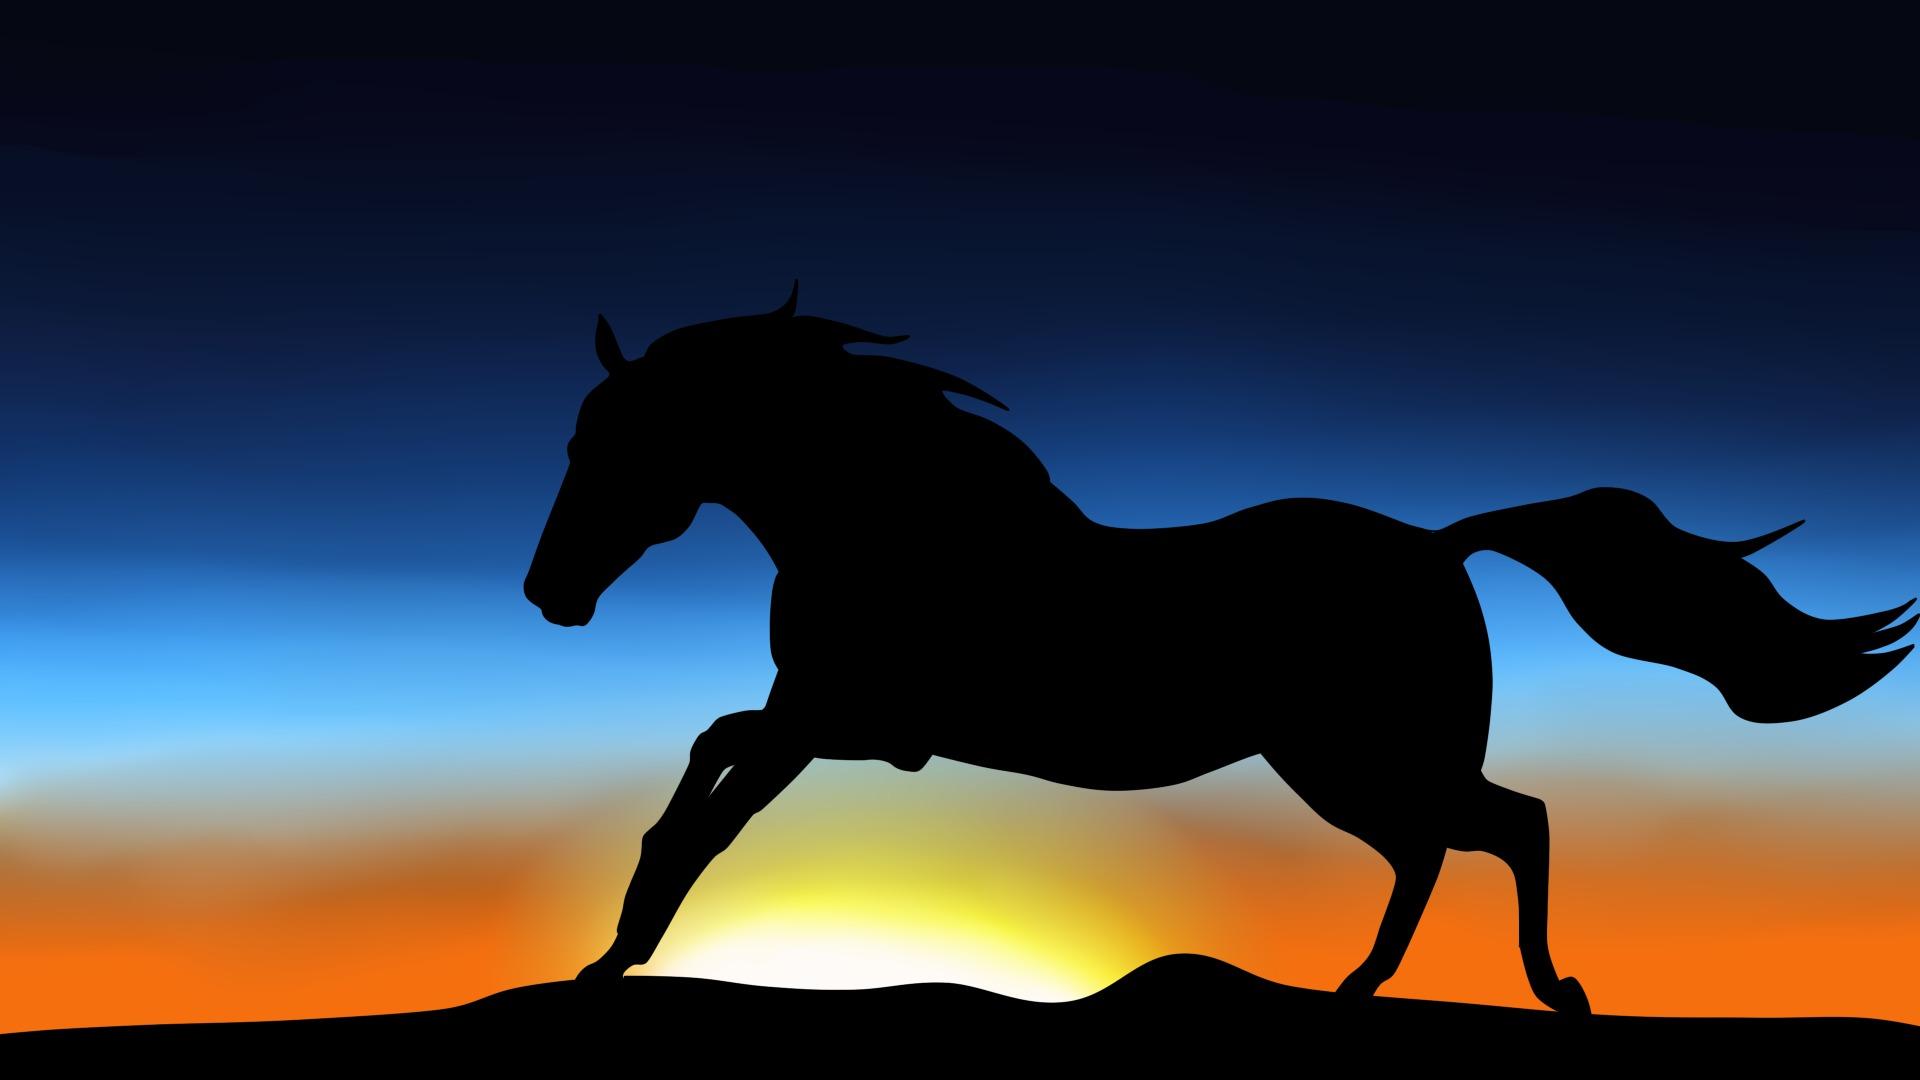 лошади тени ночь  № 359476 загрузить